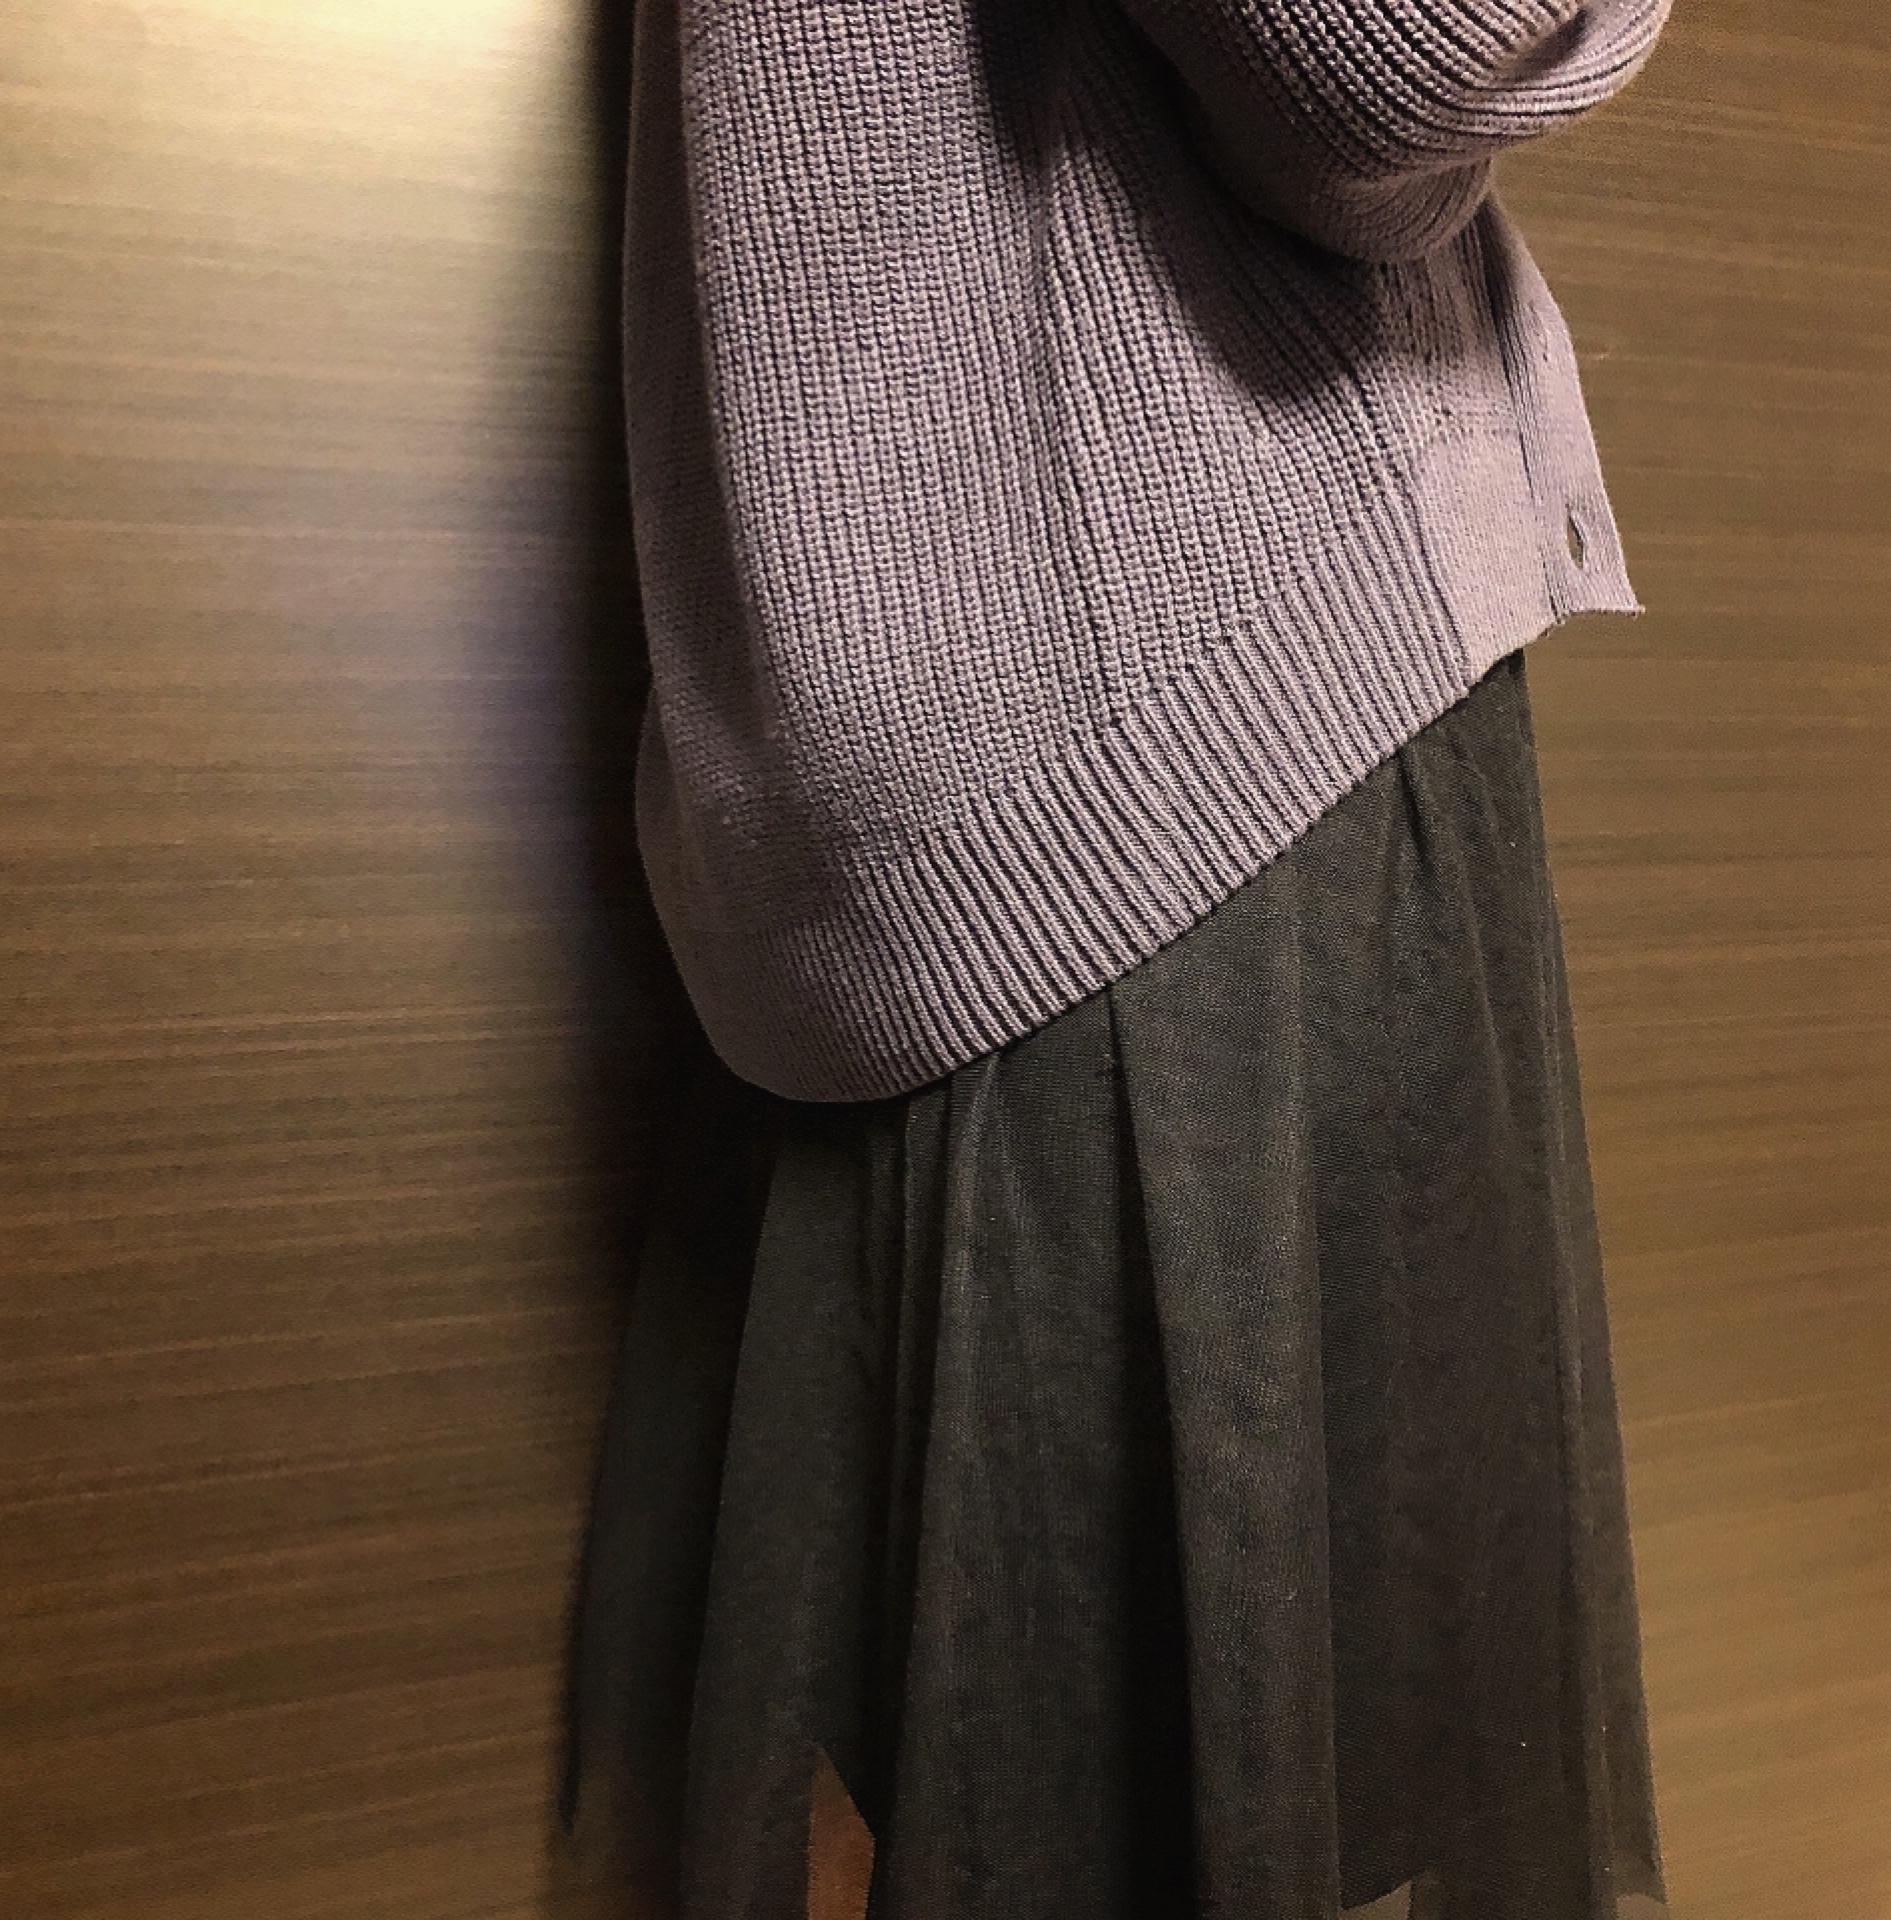 【GU】ゆるっとしたシルエットが可愛いカーデがなんと¥590!プチプラが嬉しいGUのSALEに注目!_3